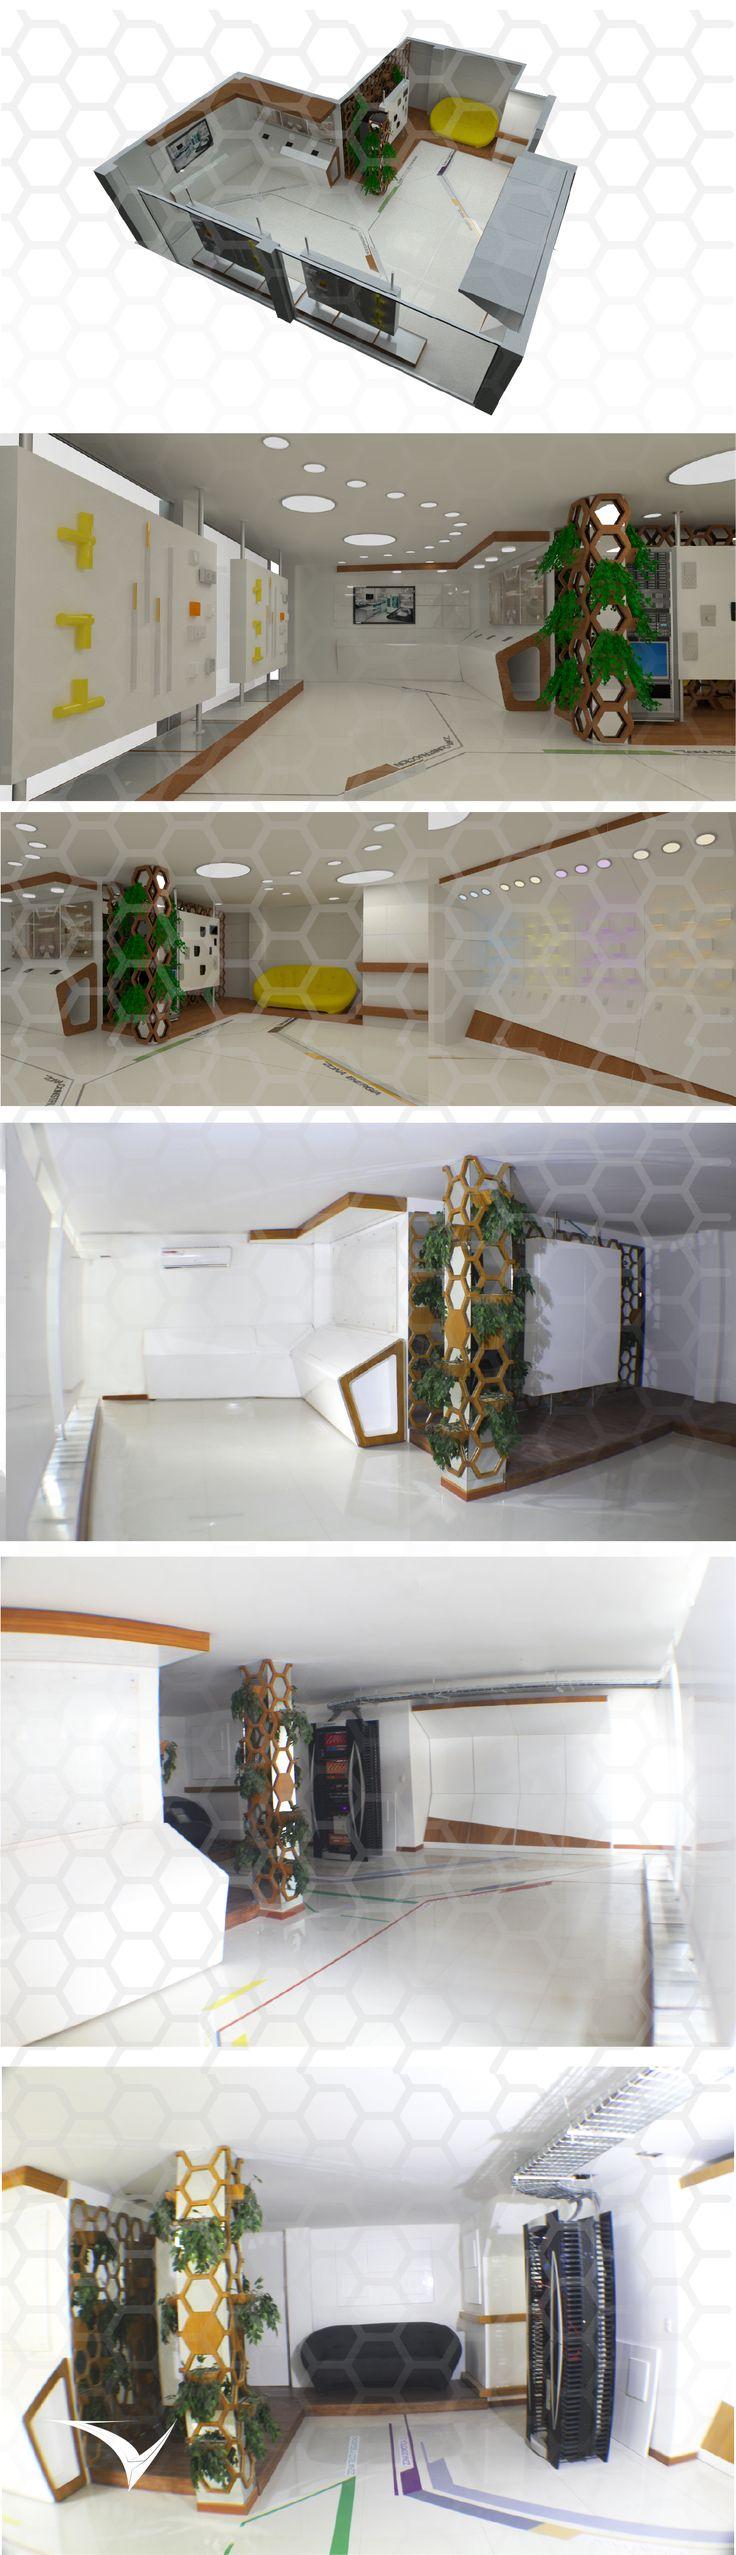 CALI SHOWROOM. Este espacio permite exponer diferentes trabajos e ir transformándose. La combinación de madera y acabados en pintura de poliuretano crea un diseño moderno, atractivo visualmente y a su vez practico, las formas hexagonales que dividen el espacio permite que el aire pase y le de un ambiente natural. Diseño por: Estudio de Diseño Vircorp  https://instagram.com/vircorpdesign/